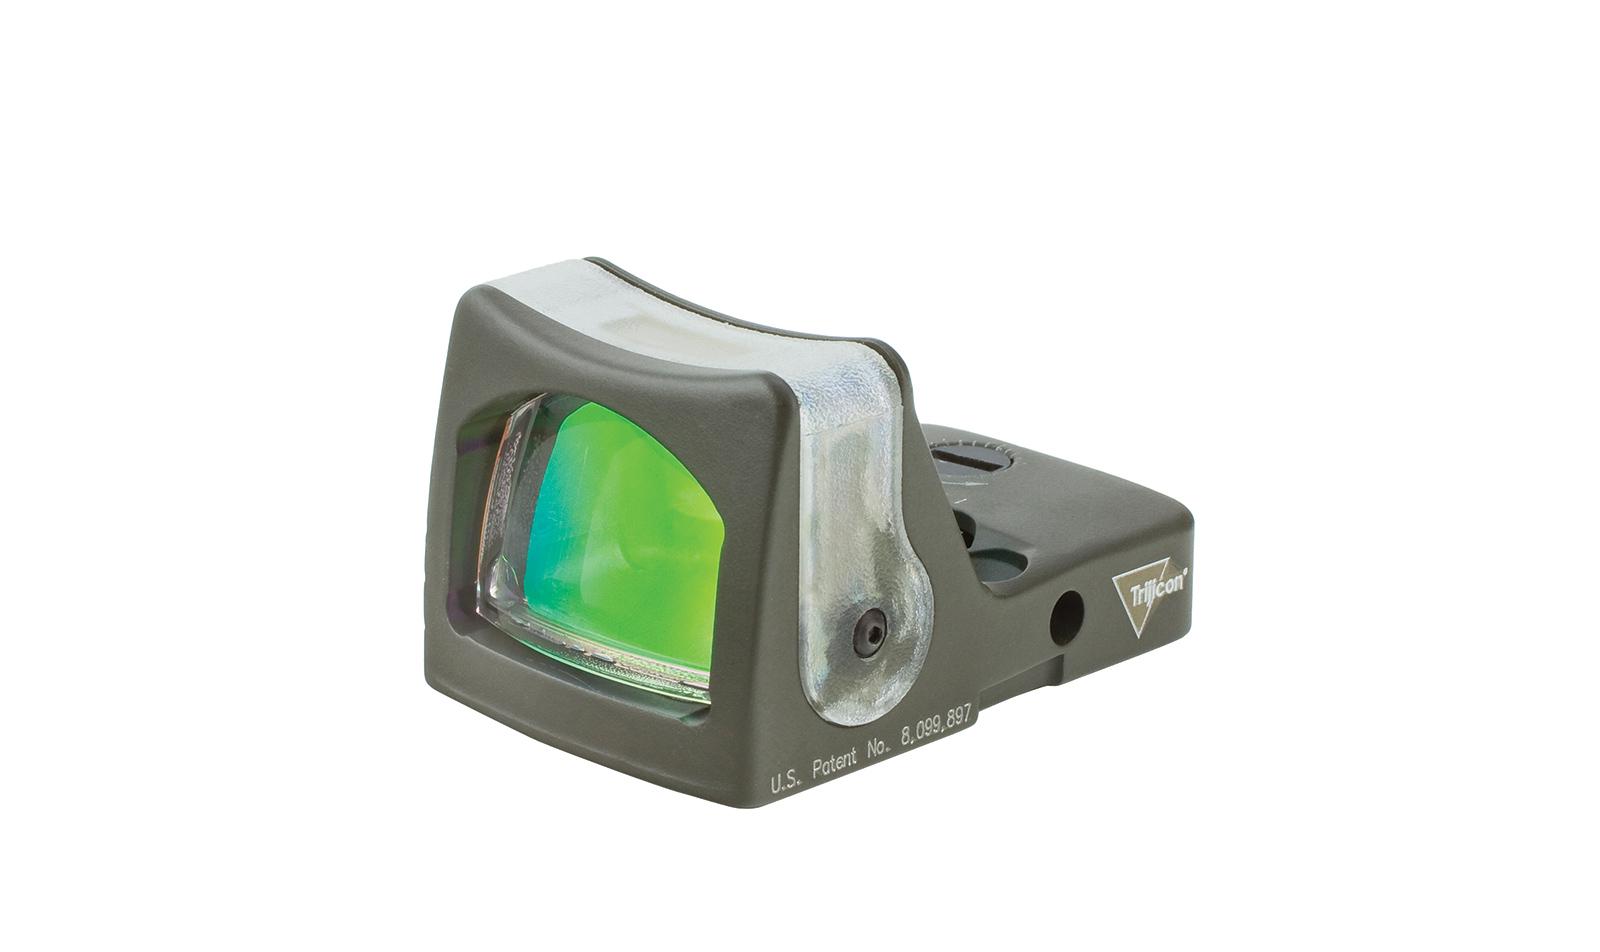 RM04-C-700164 angle 1